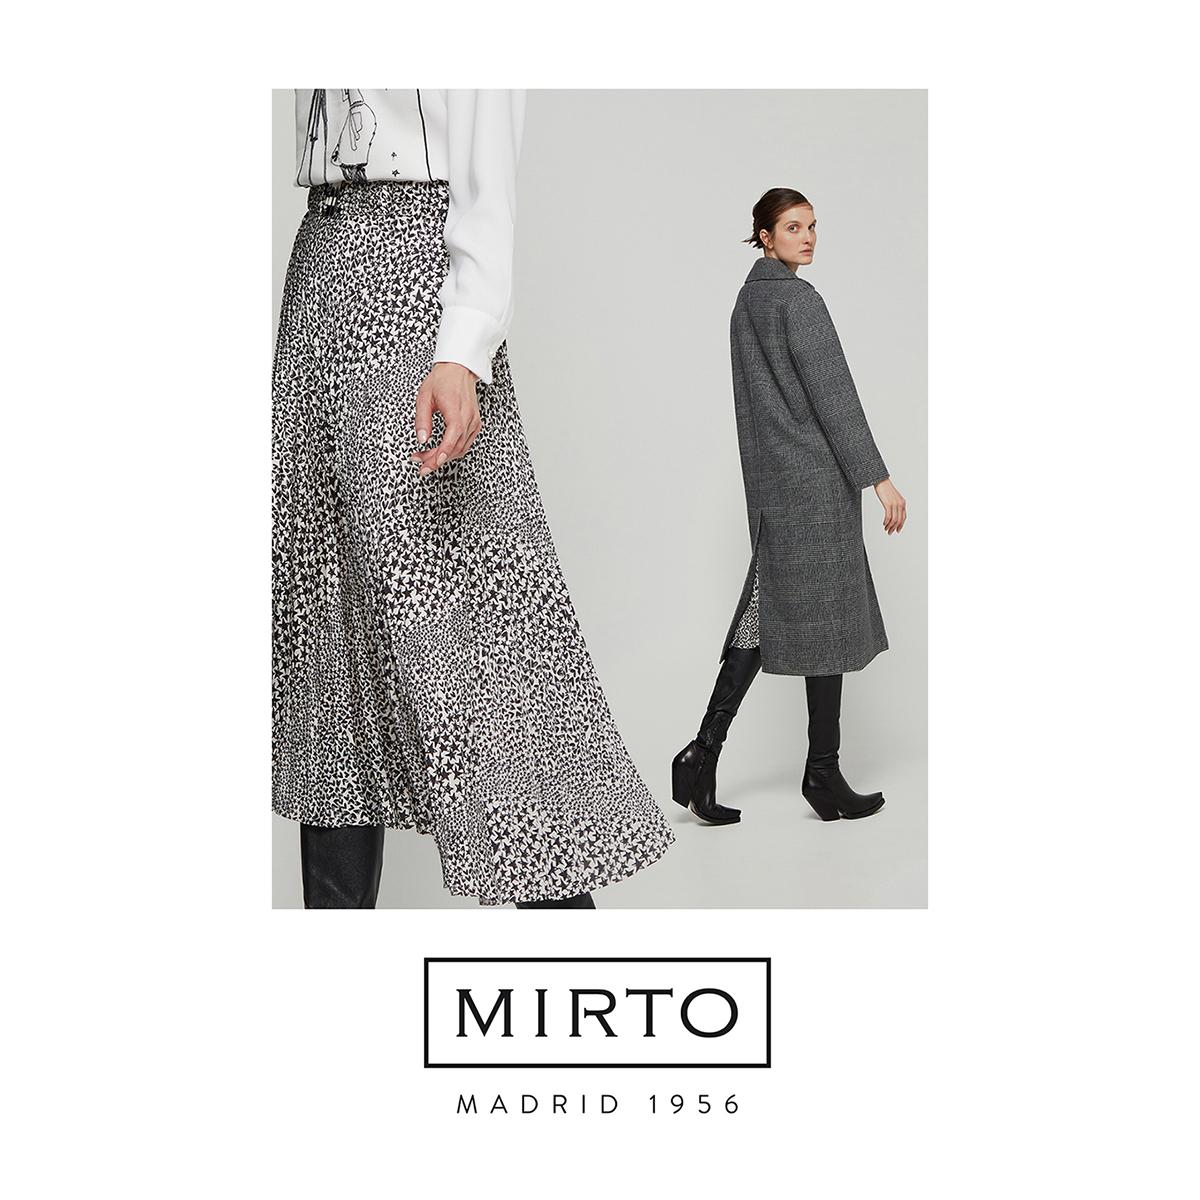 Mirto2 - copia2